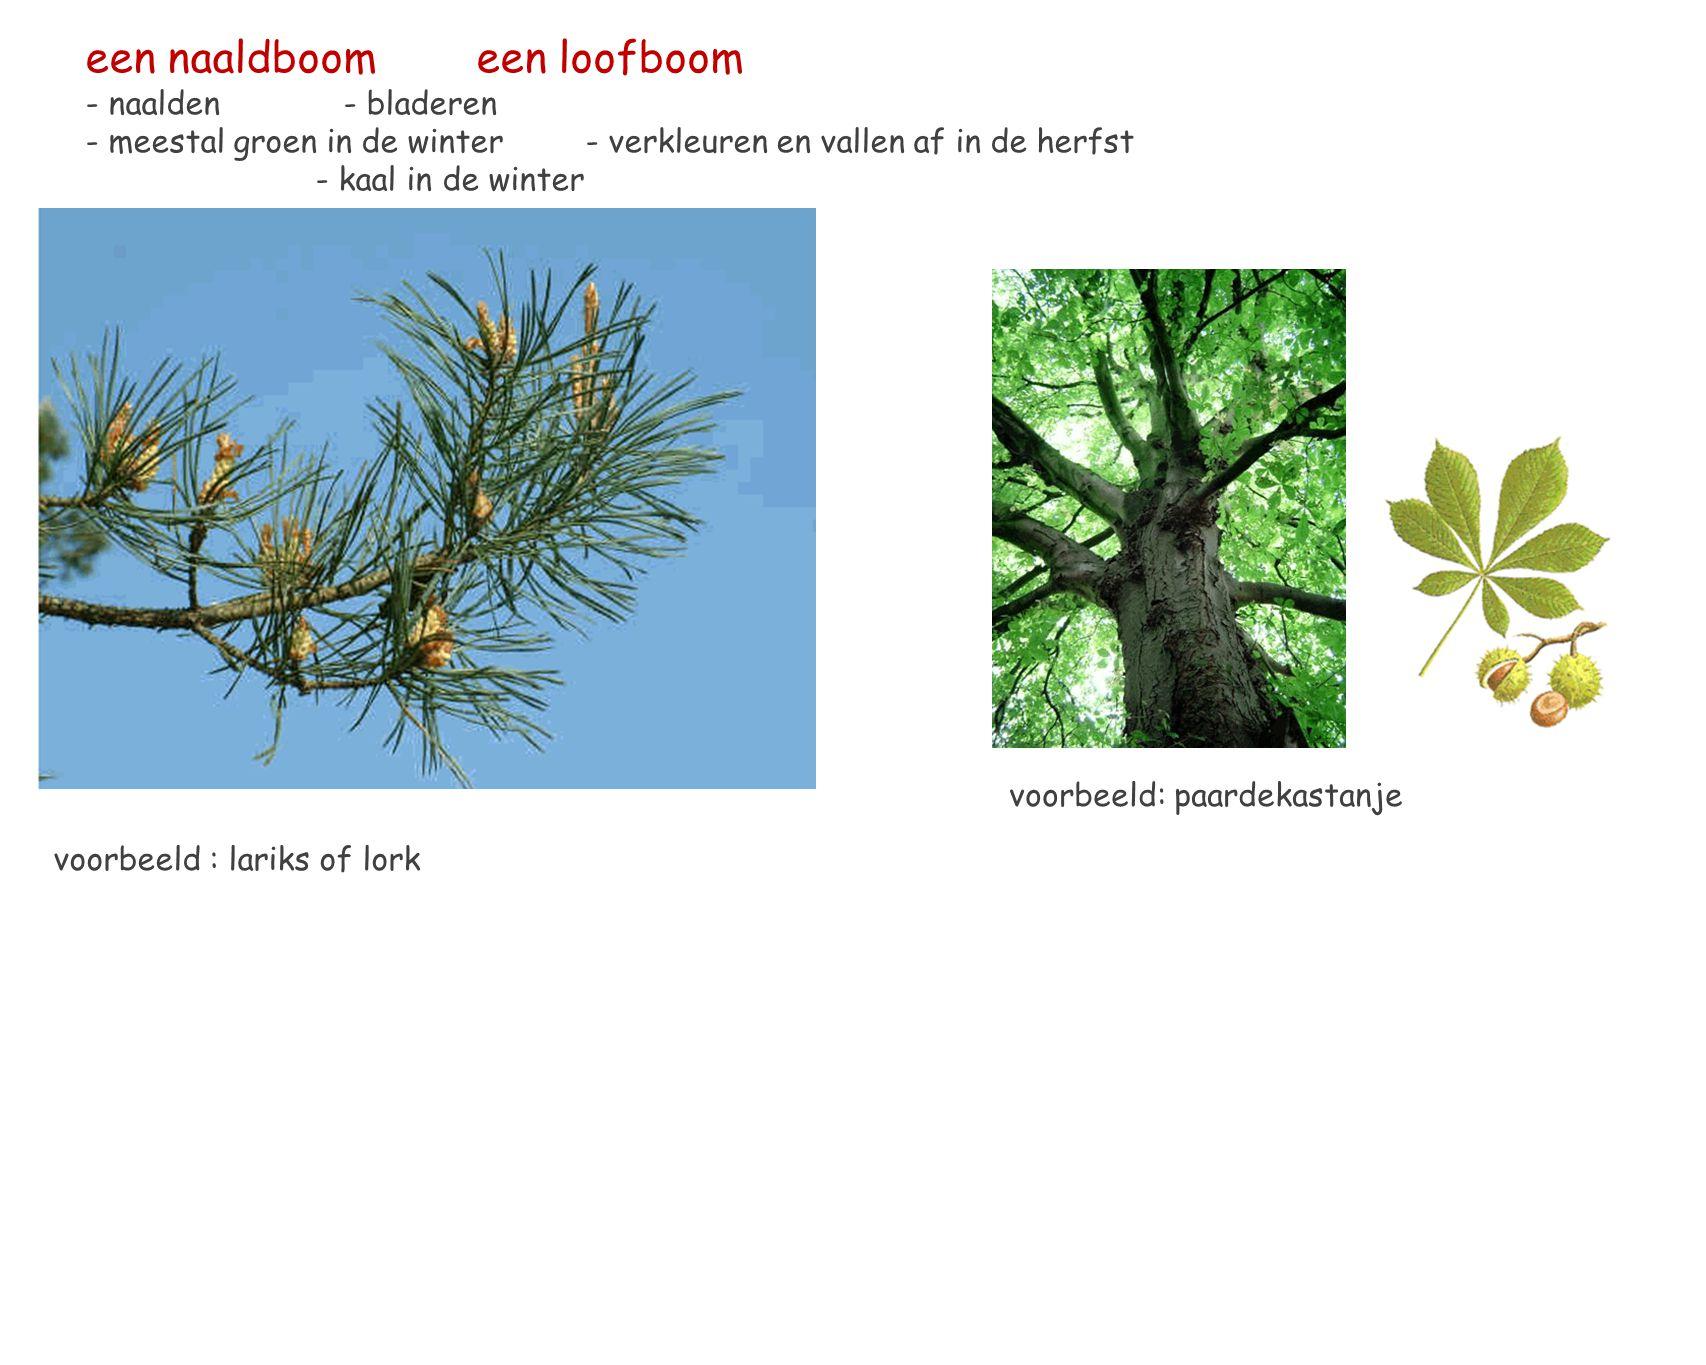 een naaldboom een loofboom - naalden - bladeren - meestal groen in de winter - verkleuren en vallen af in de herfst - kaal in de winter voorbeeld: paa